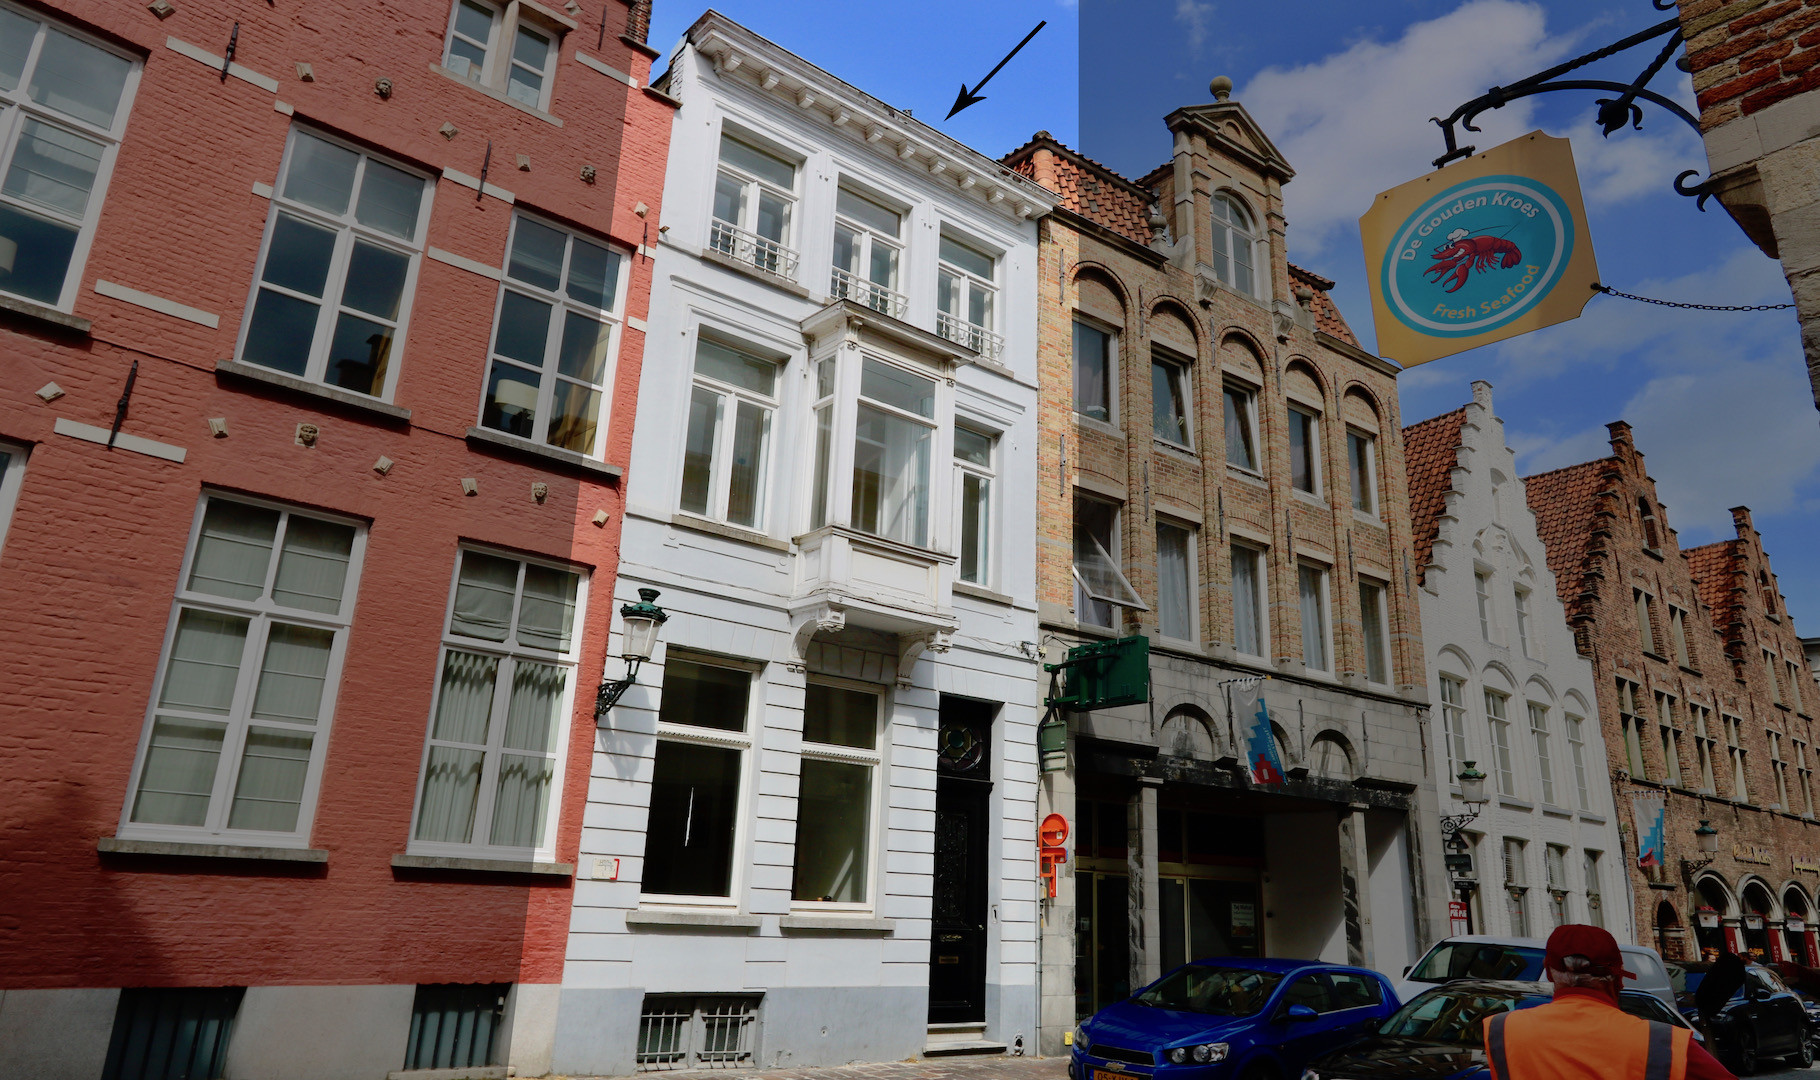 stijlvol en supercharmant herenhuis met stadstuin in het hart van het Brugse ei, vlakbij Markt en Burg